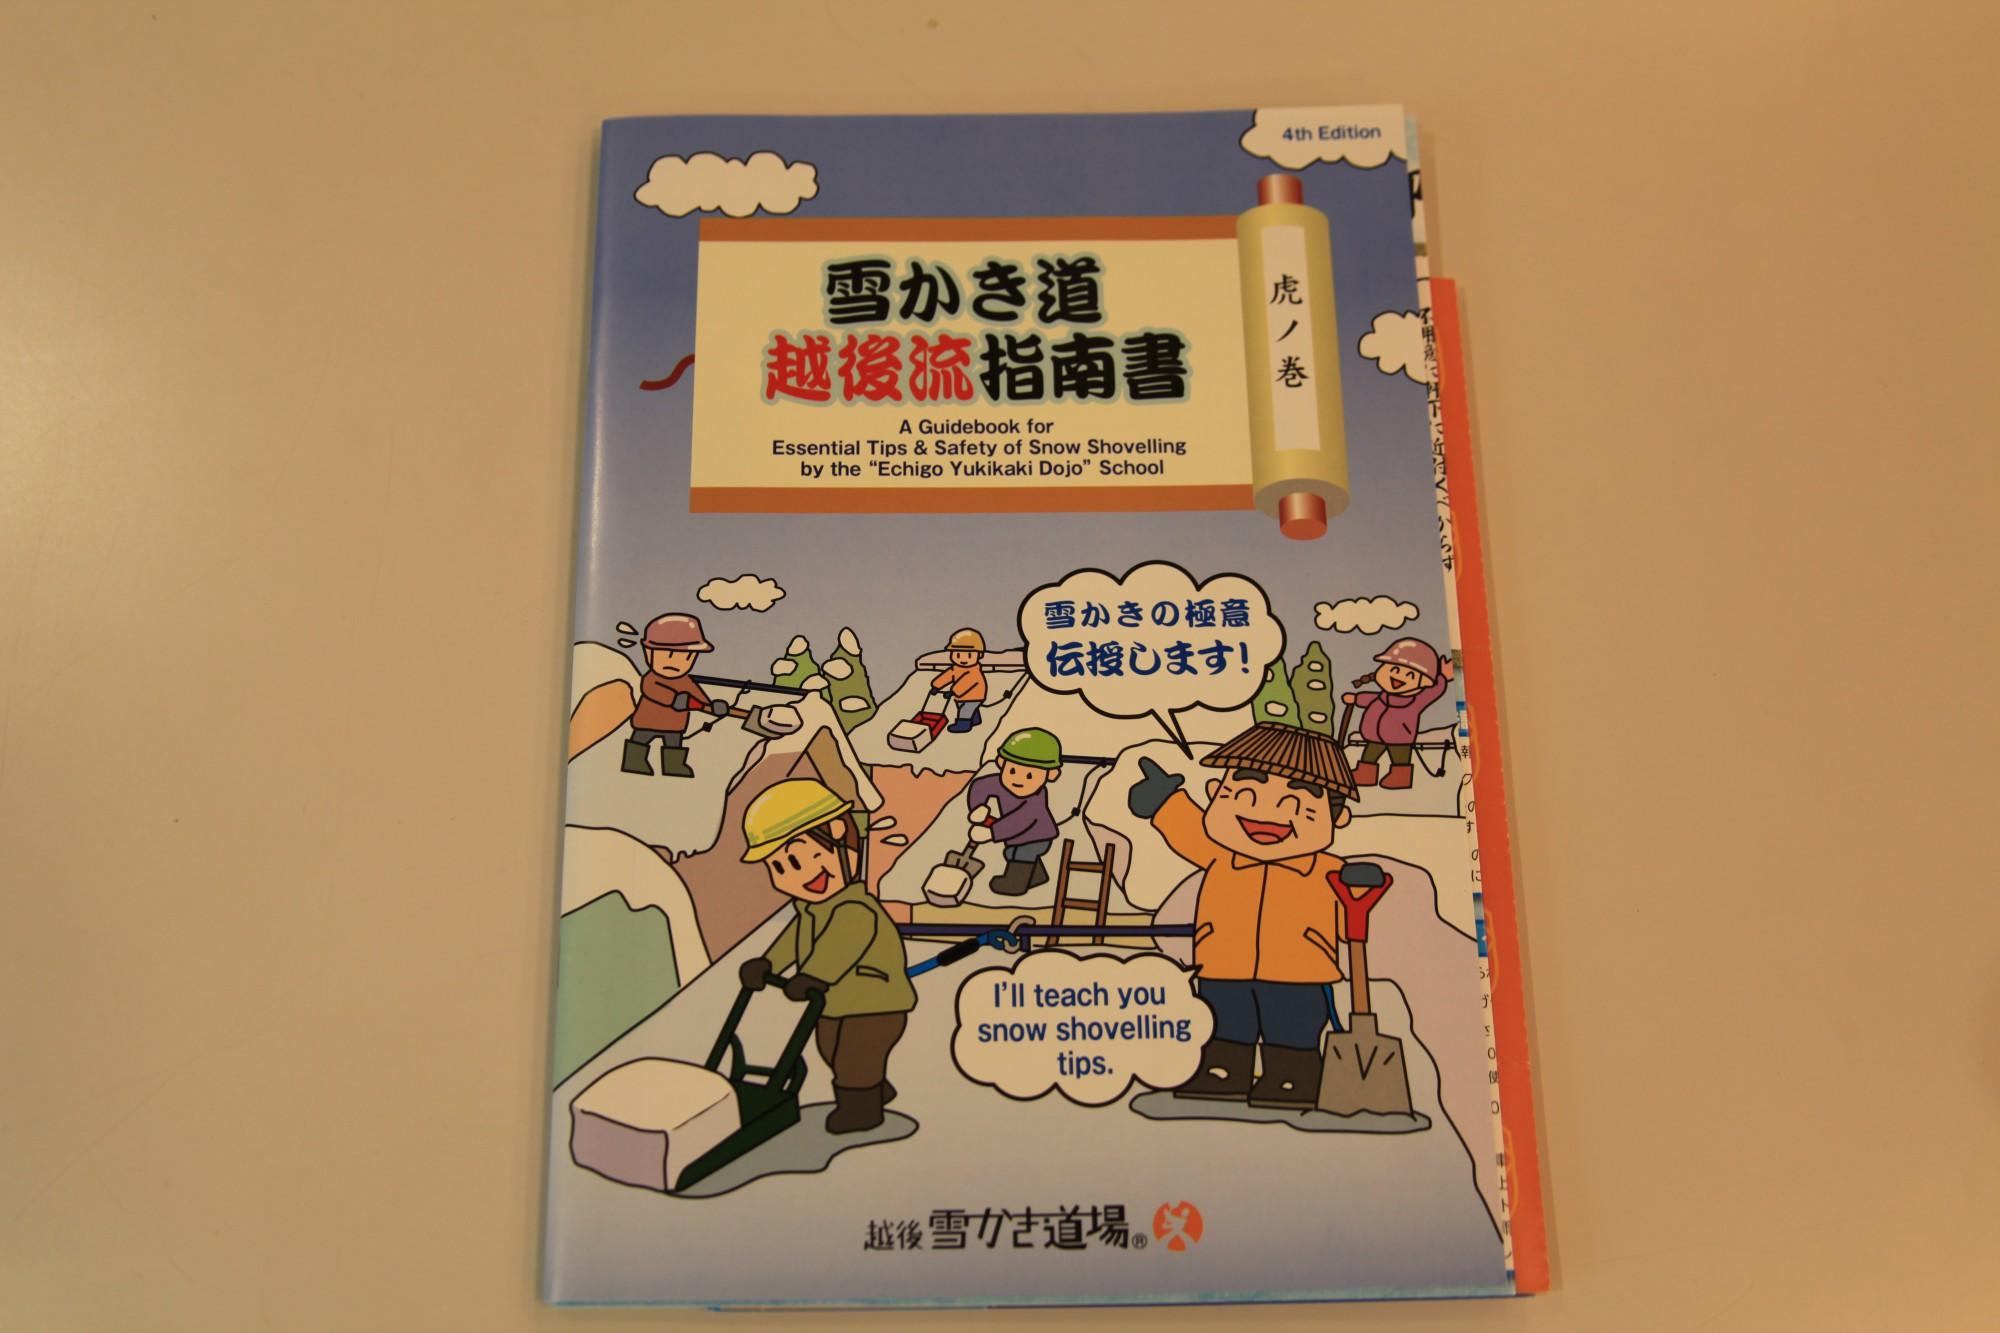 雪かき道場入魂の教科書「雪かき道越後流指南書」。